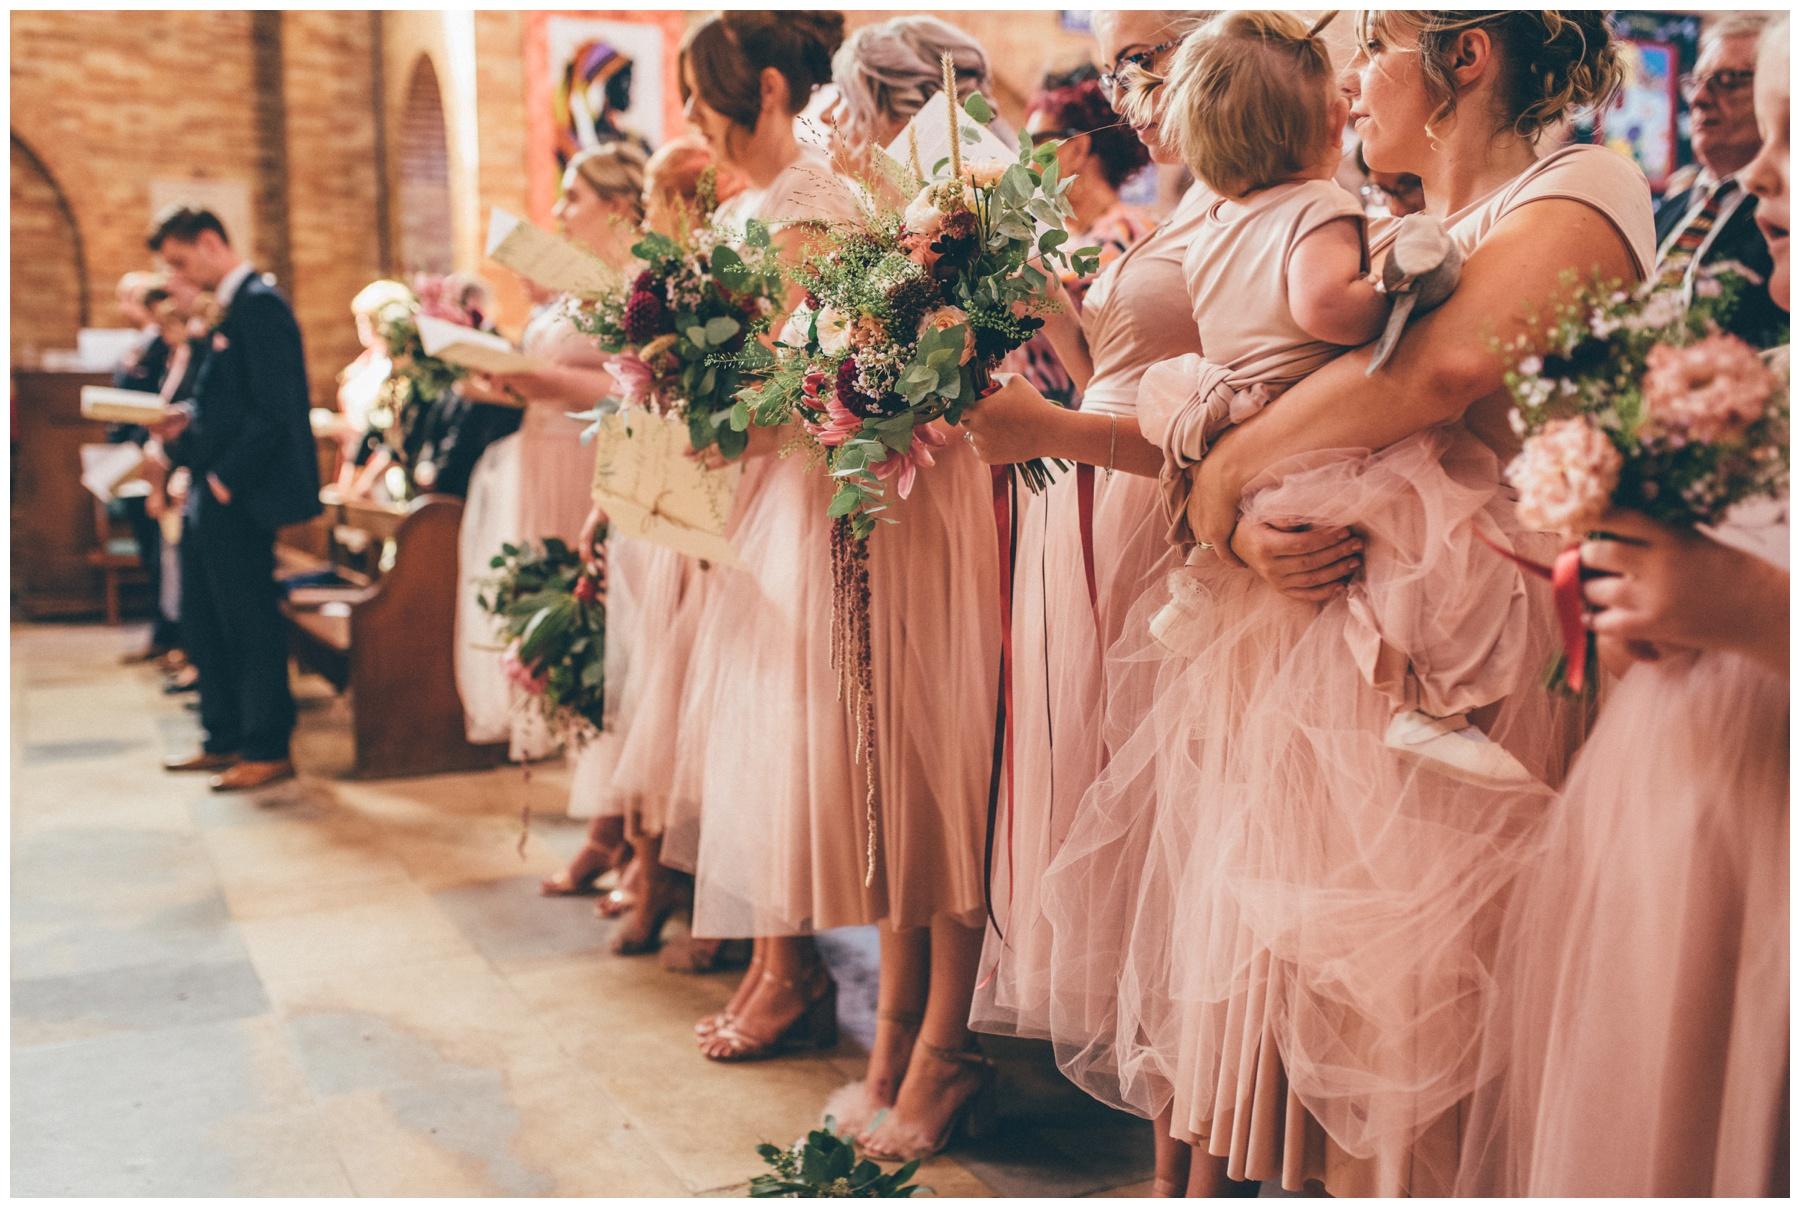 Stunning bridesmaids wild flower arrangements.